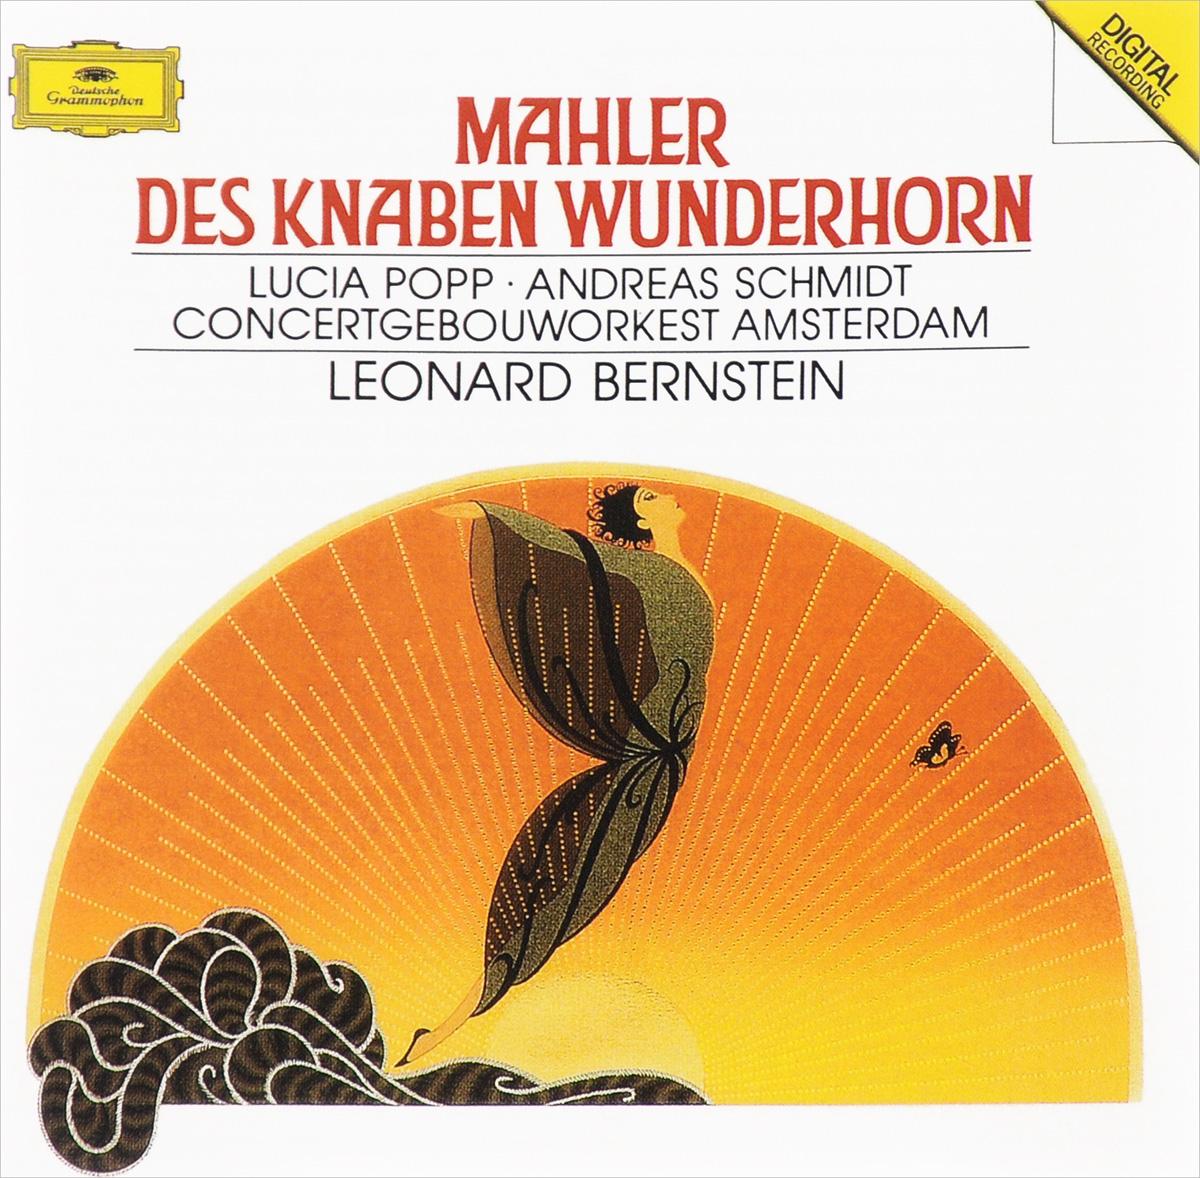 Леонард Бернштейн Leonard Bernstein. Des Knaben Wunderhorn münchner philharmoniker elbphilharmonie hamburg